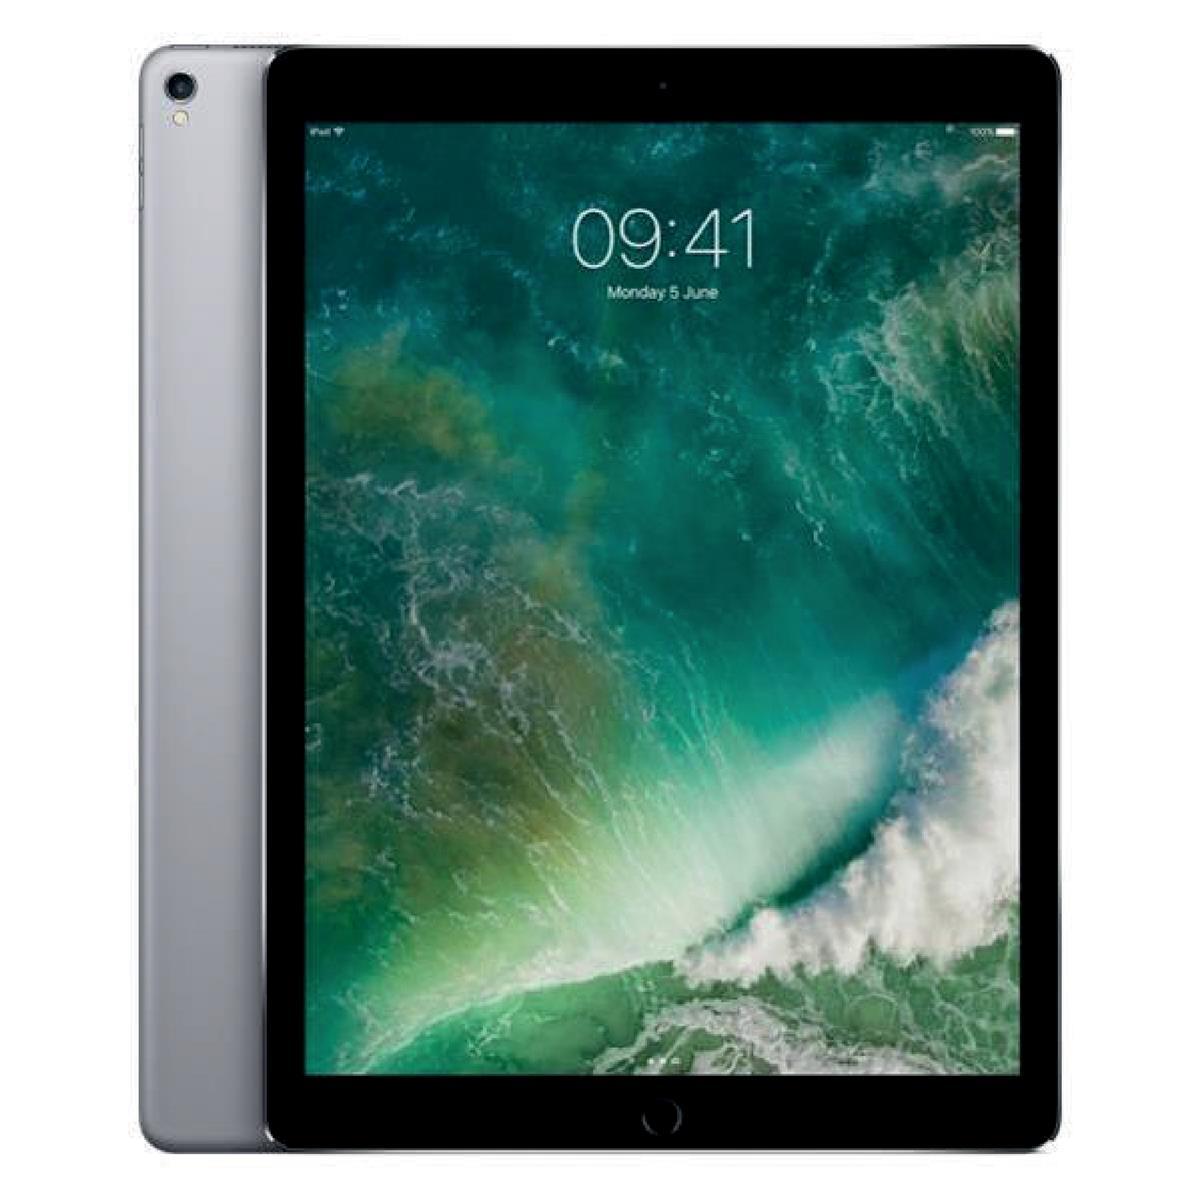 Apple iPad Pro A10X Processor Wi-Fi 64GB 12.9in Retina Display ID Finger Sensor Space Grey Ref MQDA2B/A